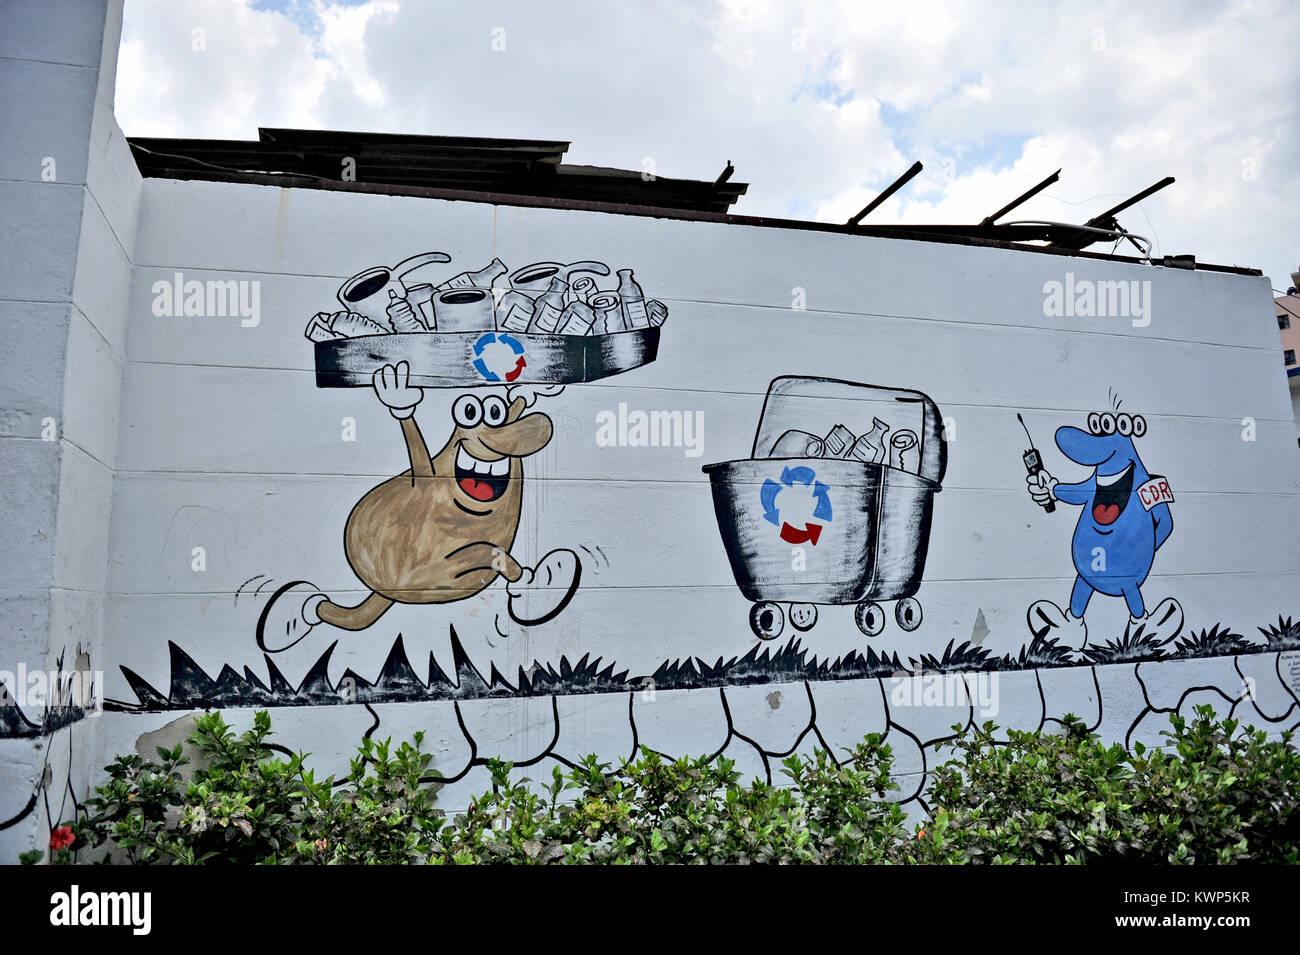 Havanna, Kuba, 11. Mai 2009. Humoristisch Wandmalereien in Havanna, am 11. Mai 2009. Stockbild